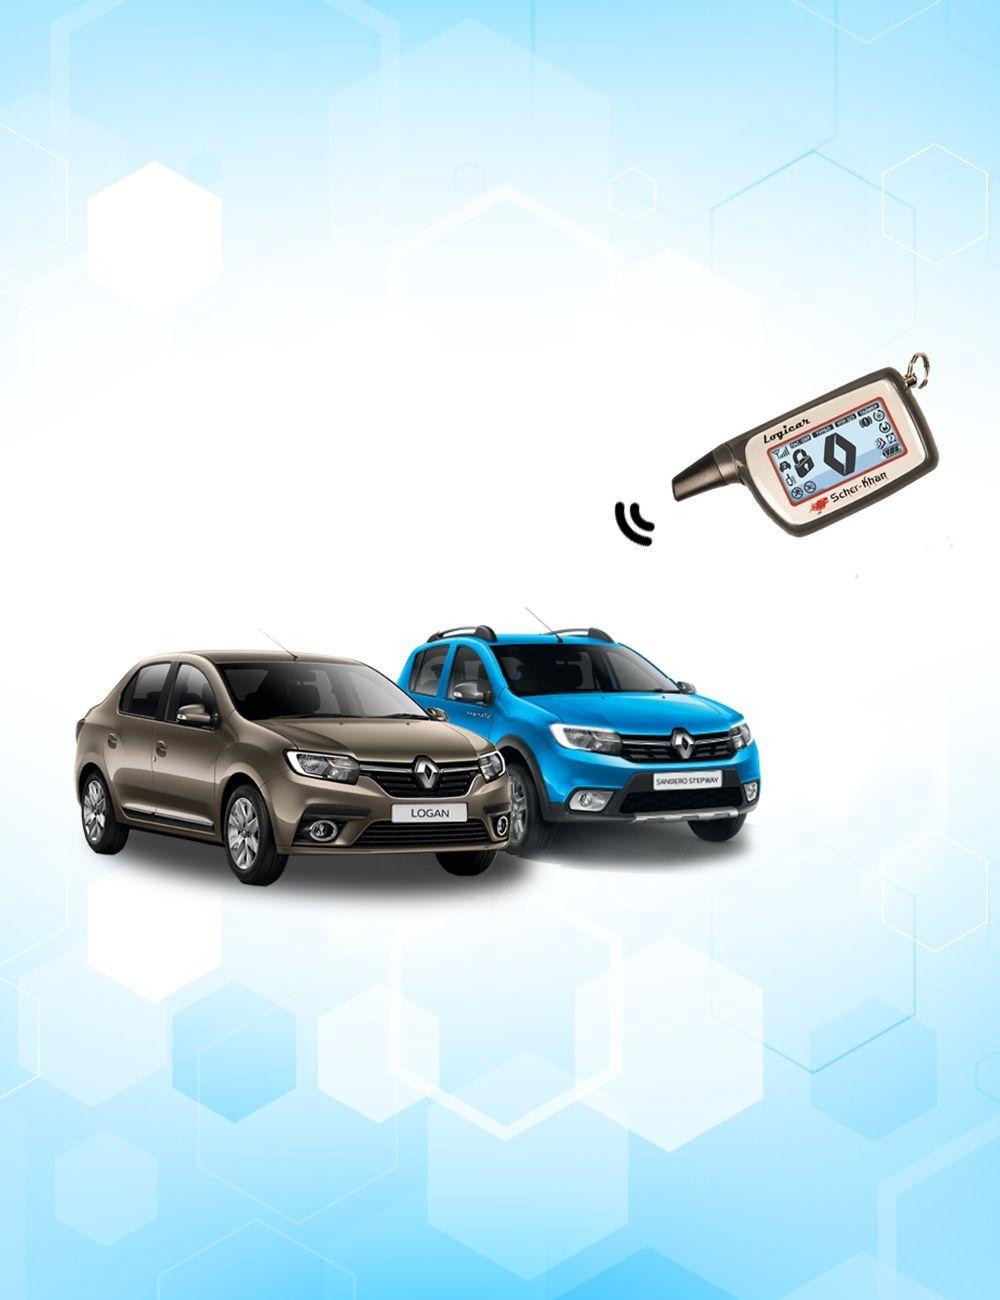 С 19.07.2018 по 31.08.2018 при покупке автомобиля Renault*   сигнализация с автозапуском Scher-Khan Logicar 6i в подарок!**